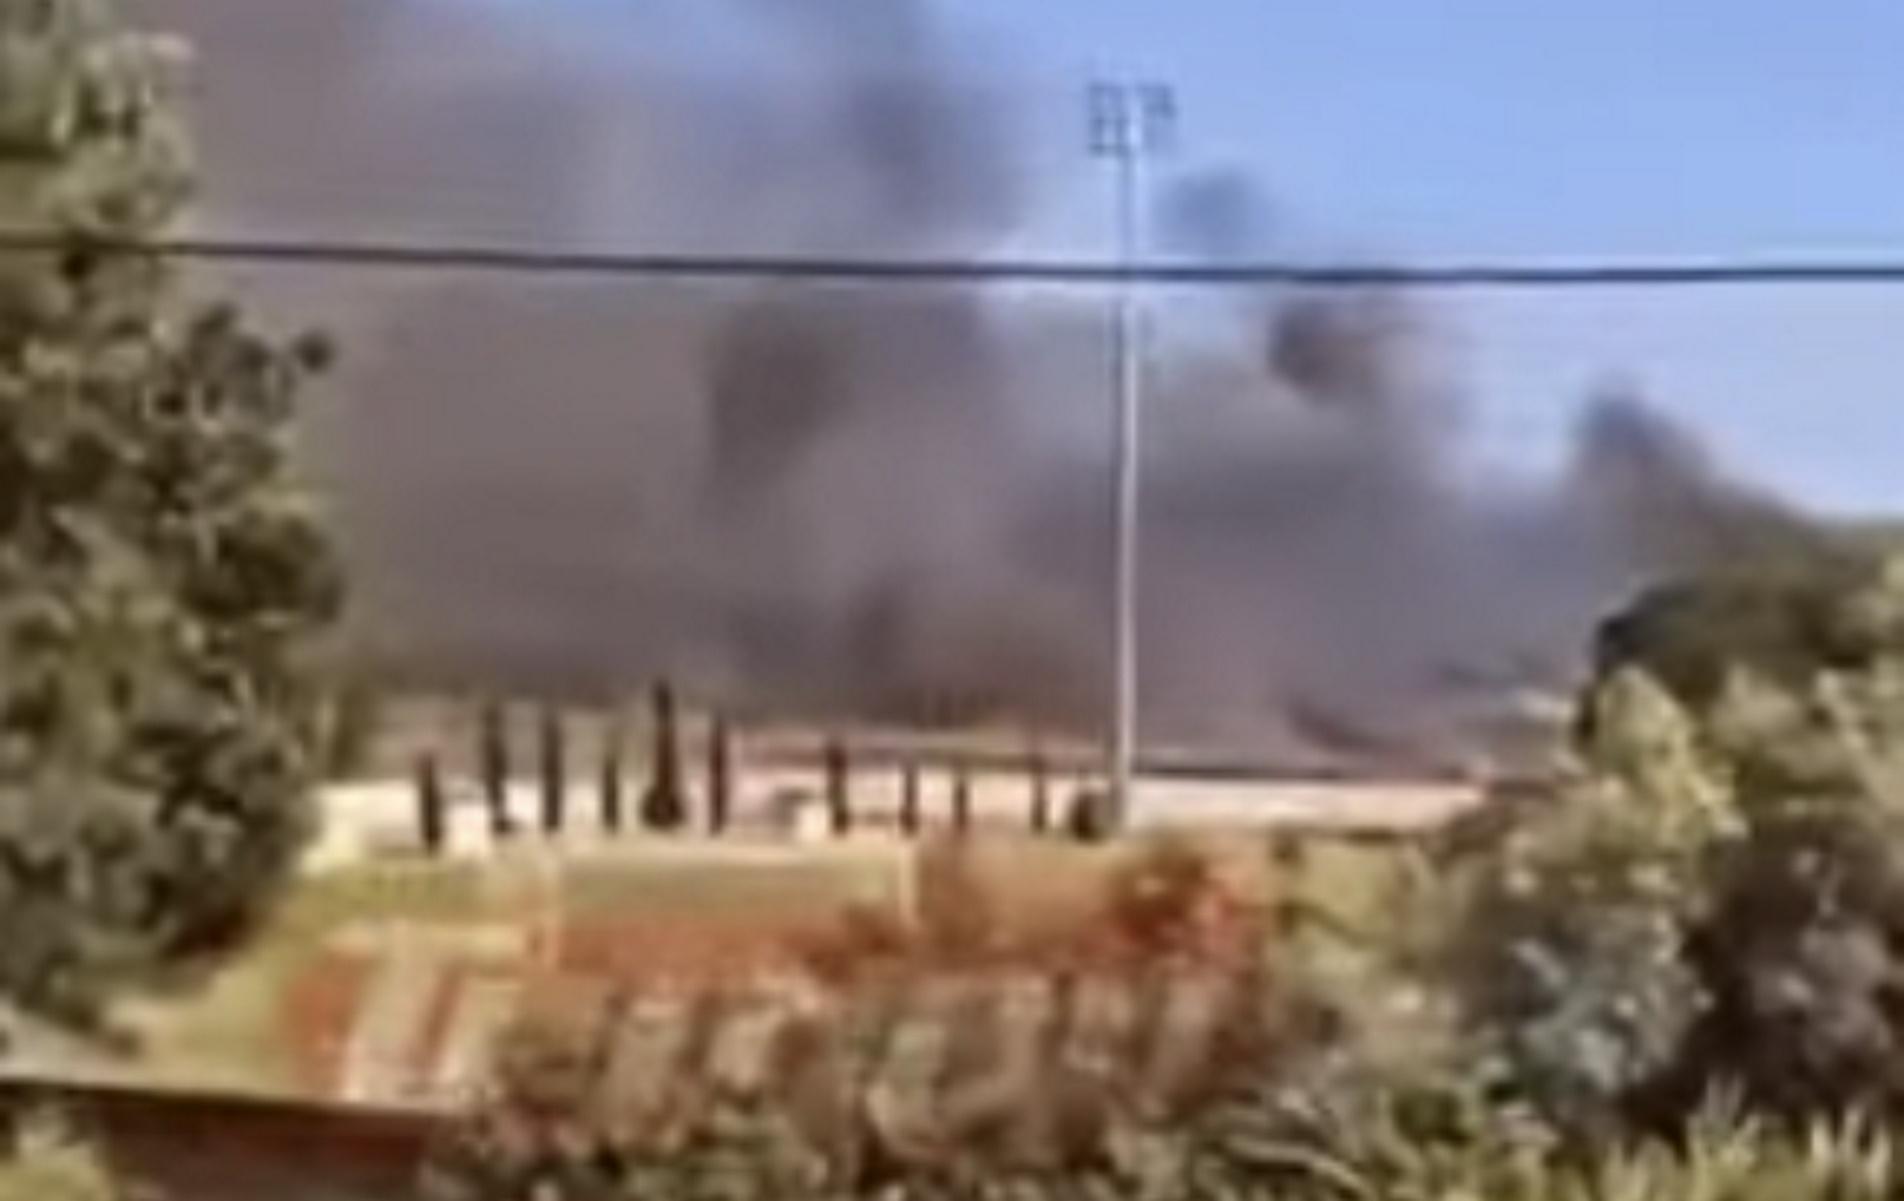 Αχαΐα: Στον εισαγγελέα οι 29 συλληφθέντες για τη φωτιά και τα επεισόδια στο γήπεδο (video)